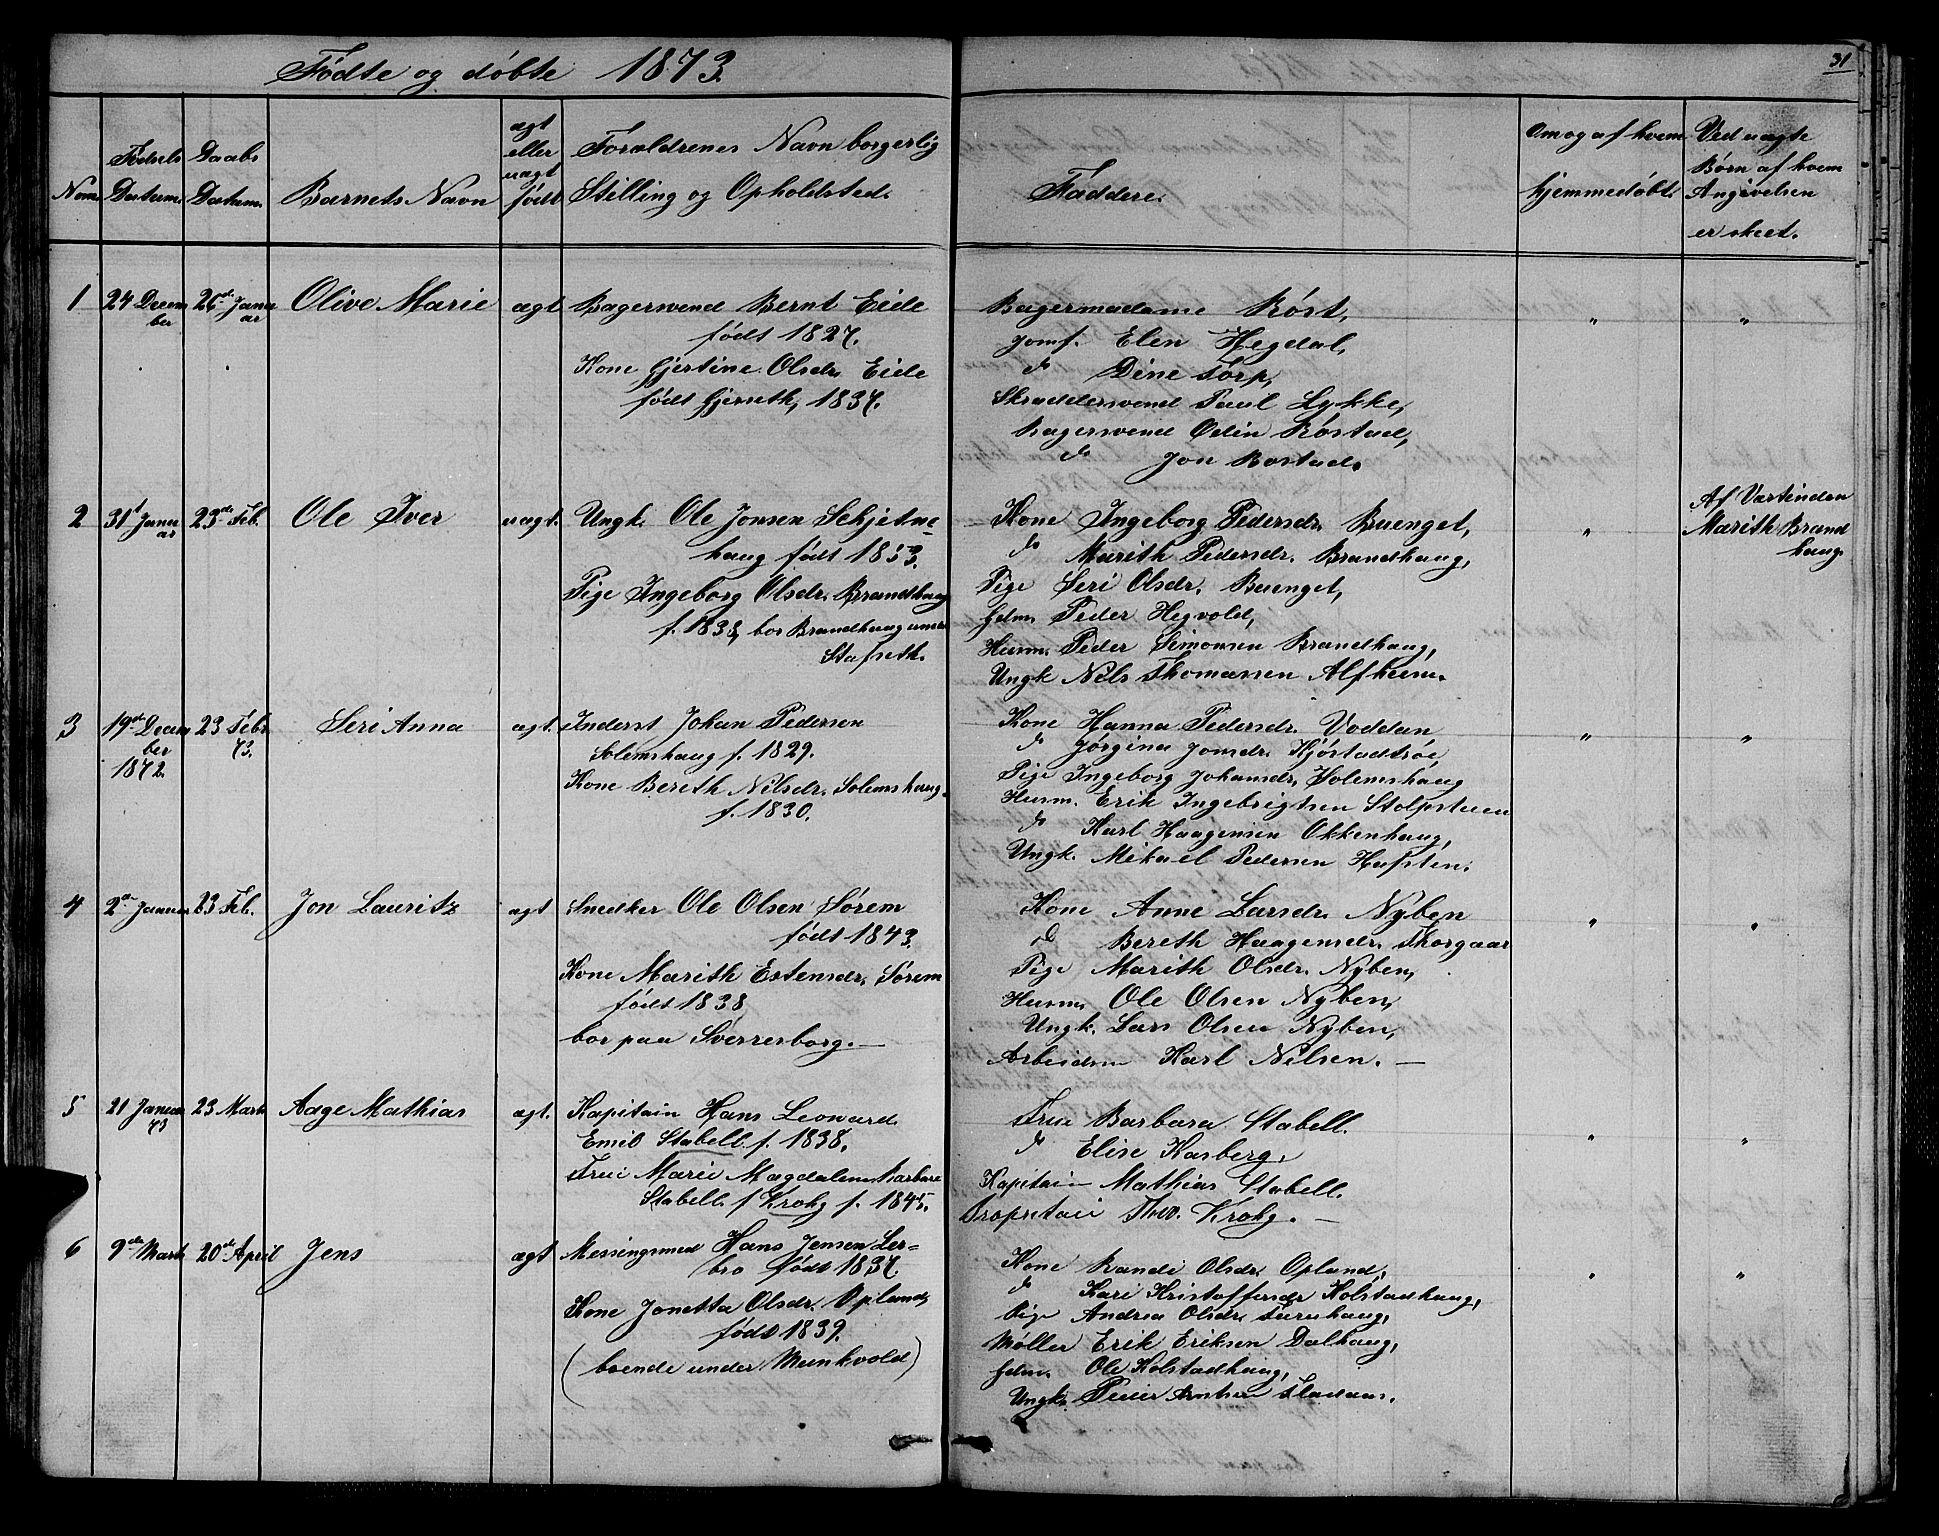 SAT, Ministerialprotokoller, klokkerbøker og fødselsregistre - Sør-Trøndelag, 611/L0353: Klokkerbok nr. 611C01, 1854-1881, s. 31